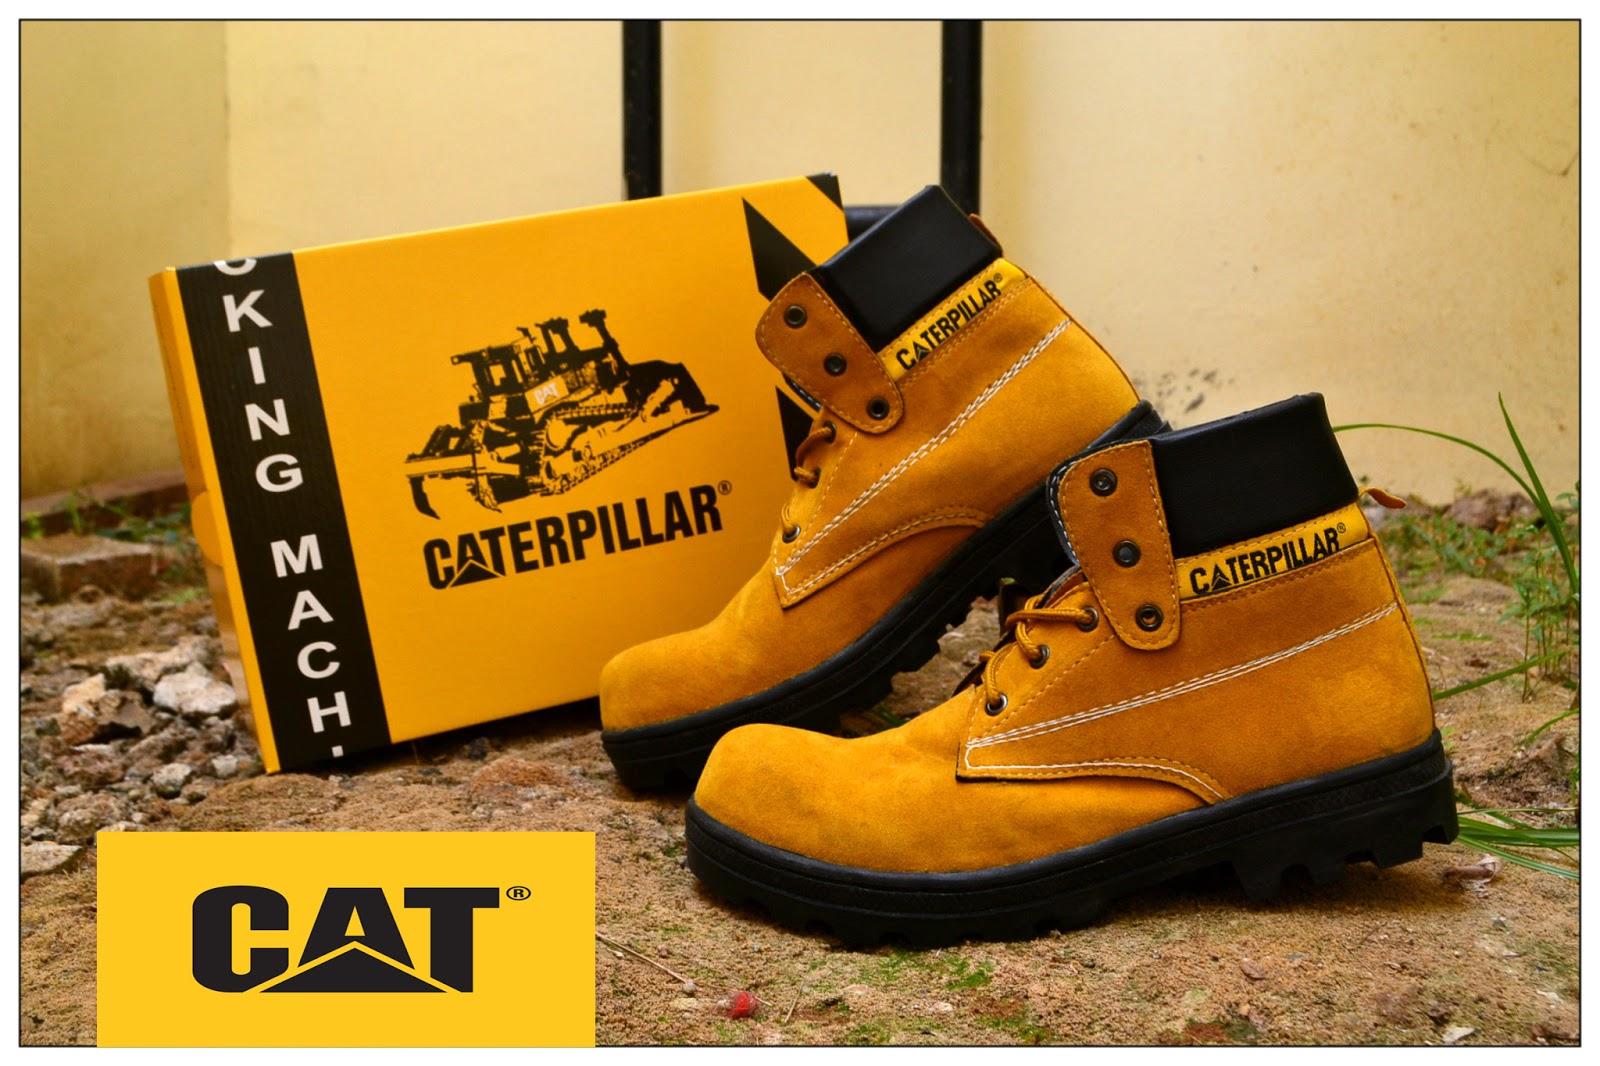 Jual Sepatu Caterpillar Special Tan Brown Leather Rp 115000 KW Super